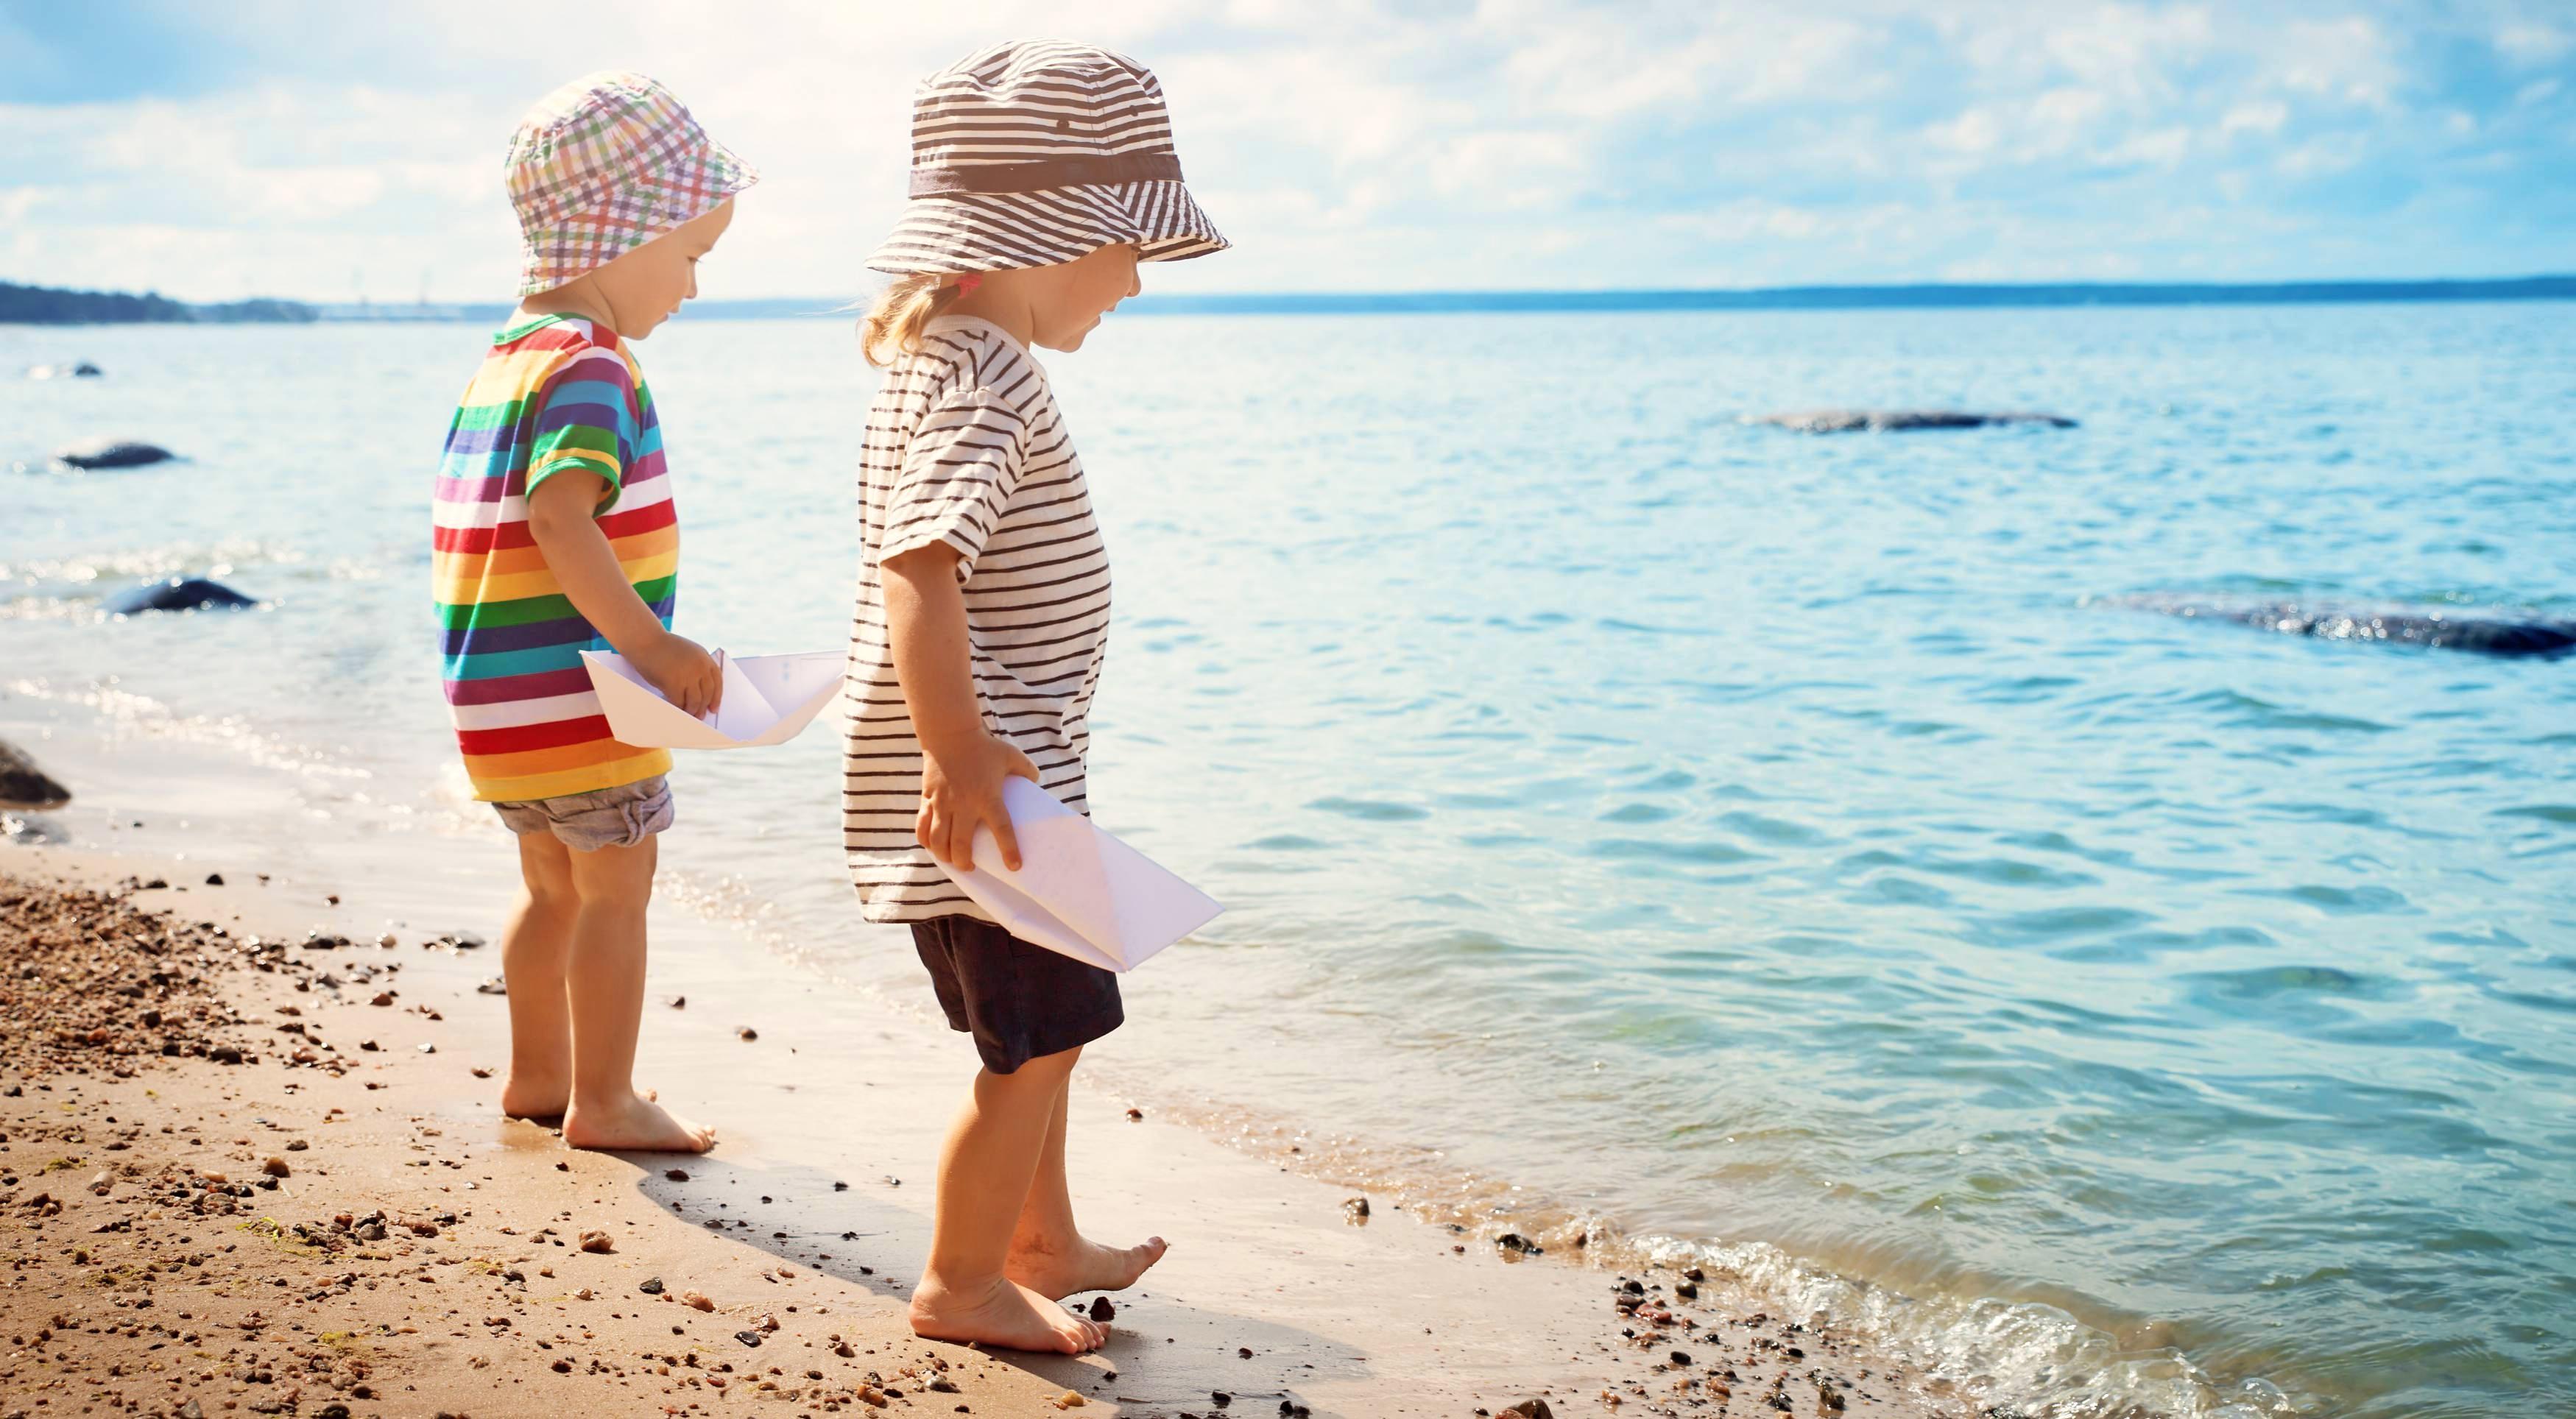 Gut behütet können Kinder am Strand spielen. Eltern sollten dabei ihren Nachwuchs im Auge behalten. Foto: candy1812/stock.adobe.com